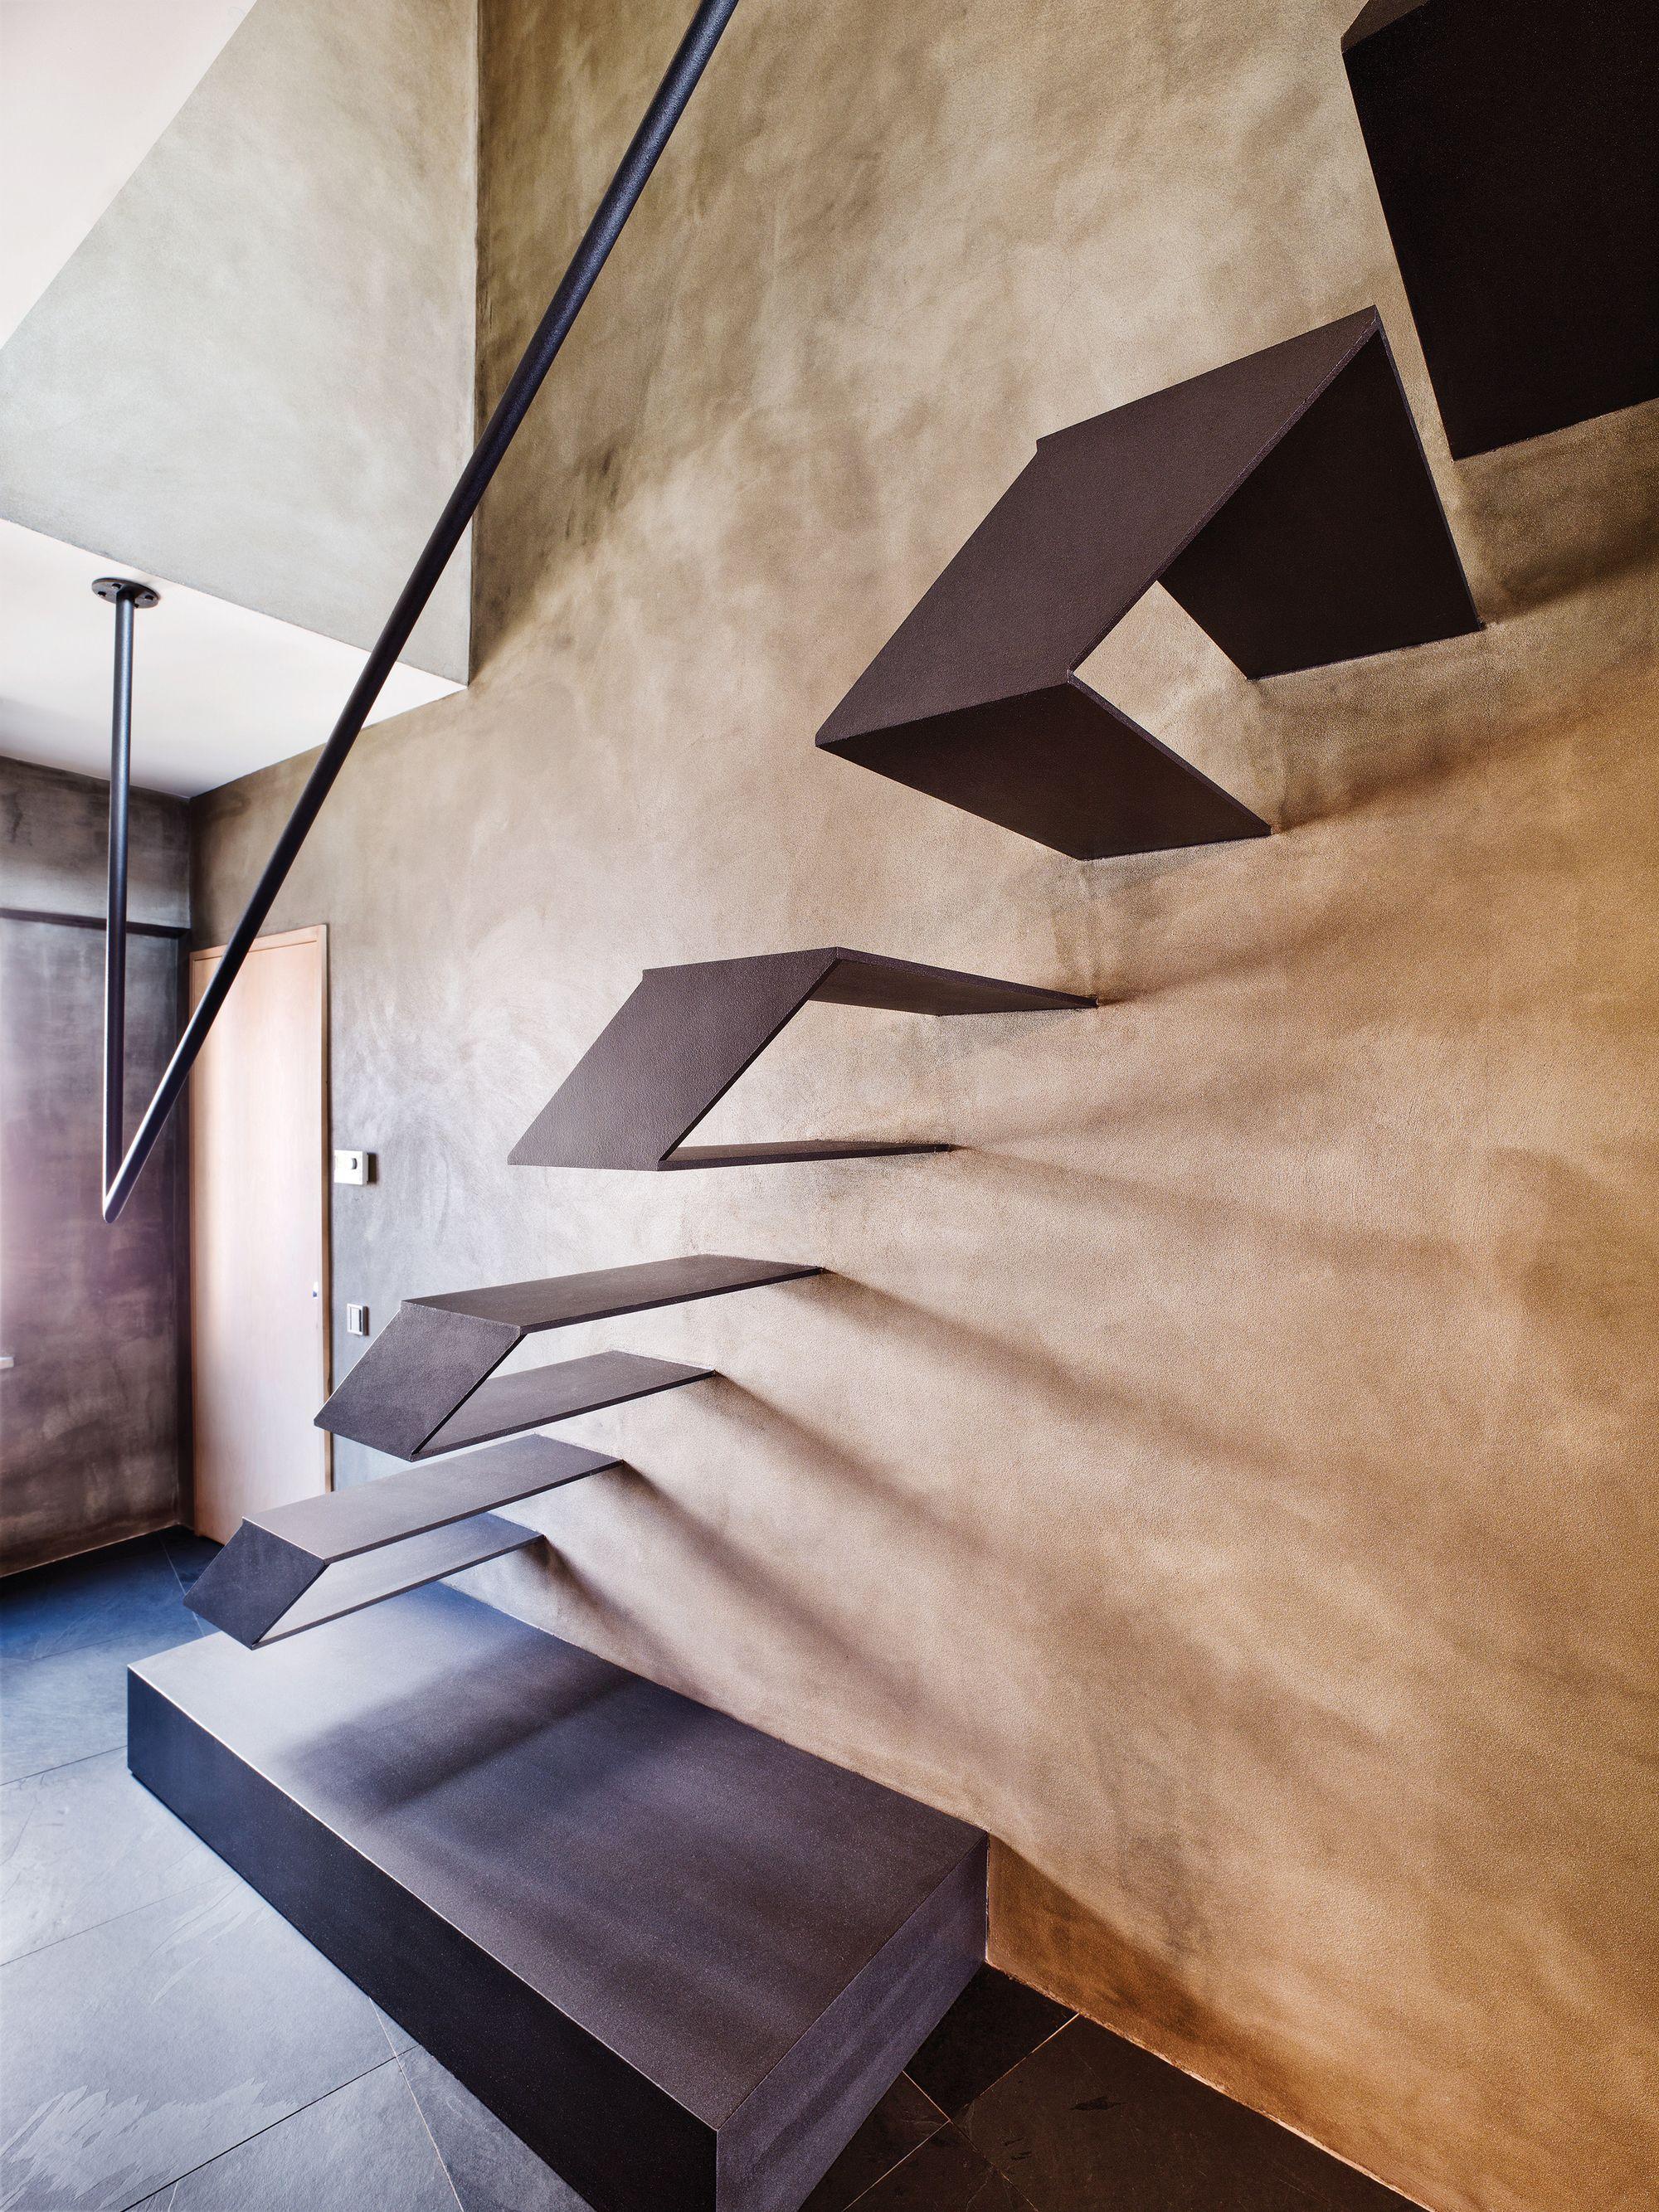 Gallery of Karakoy Loft / Ofist - 2